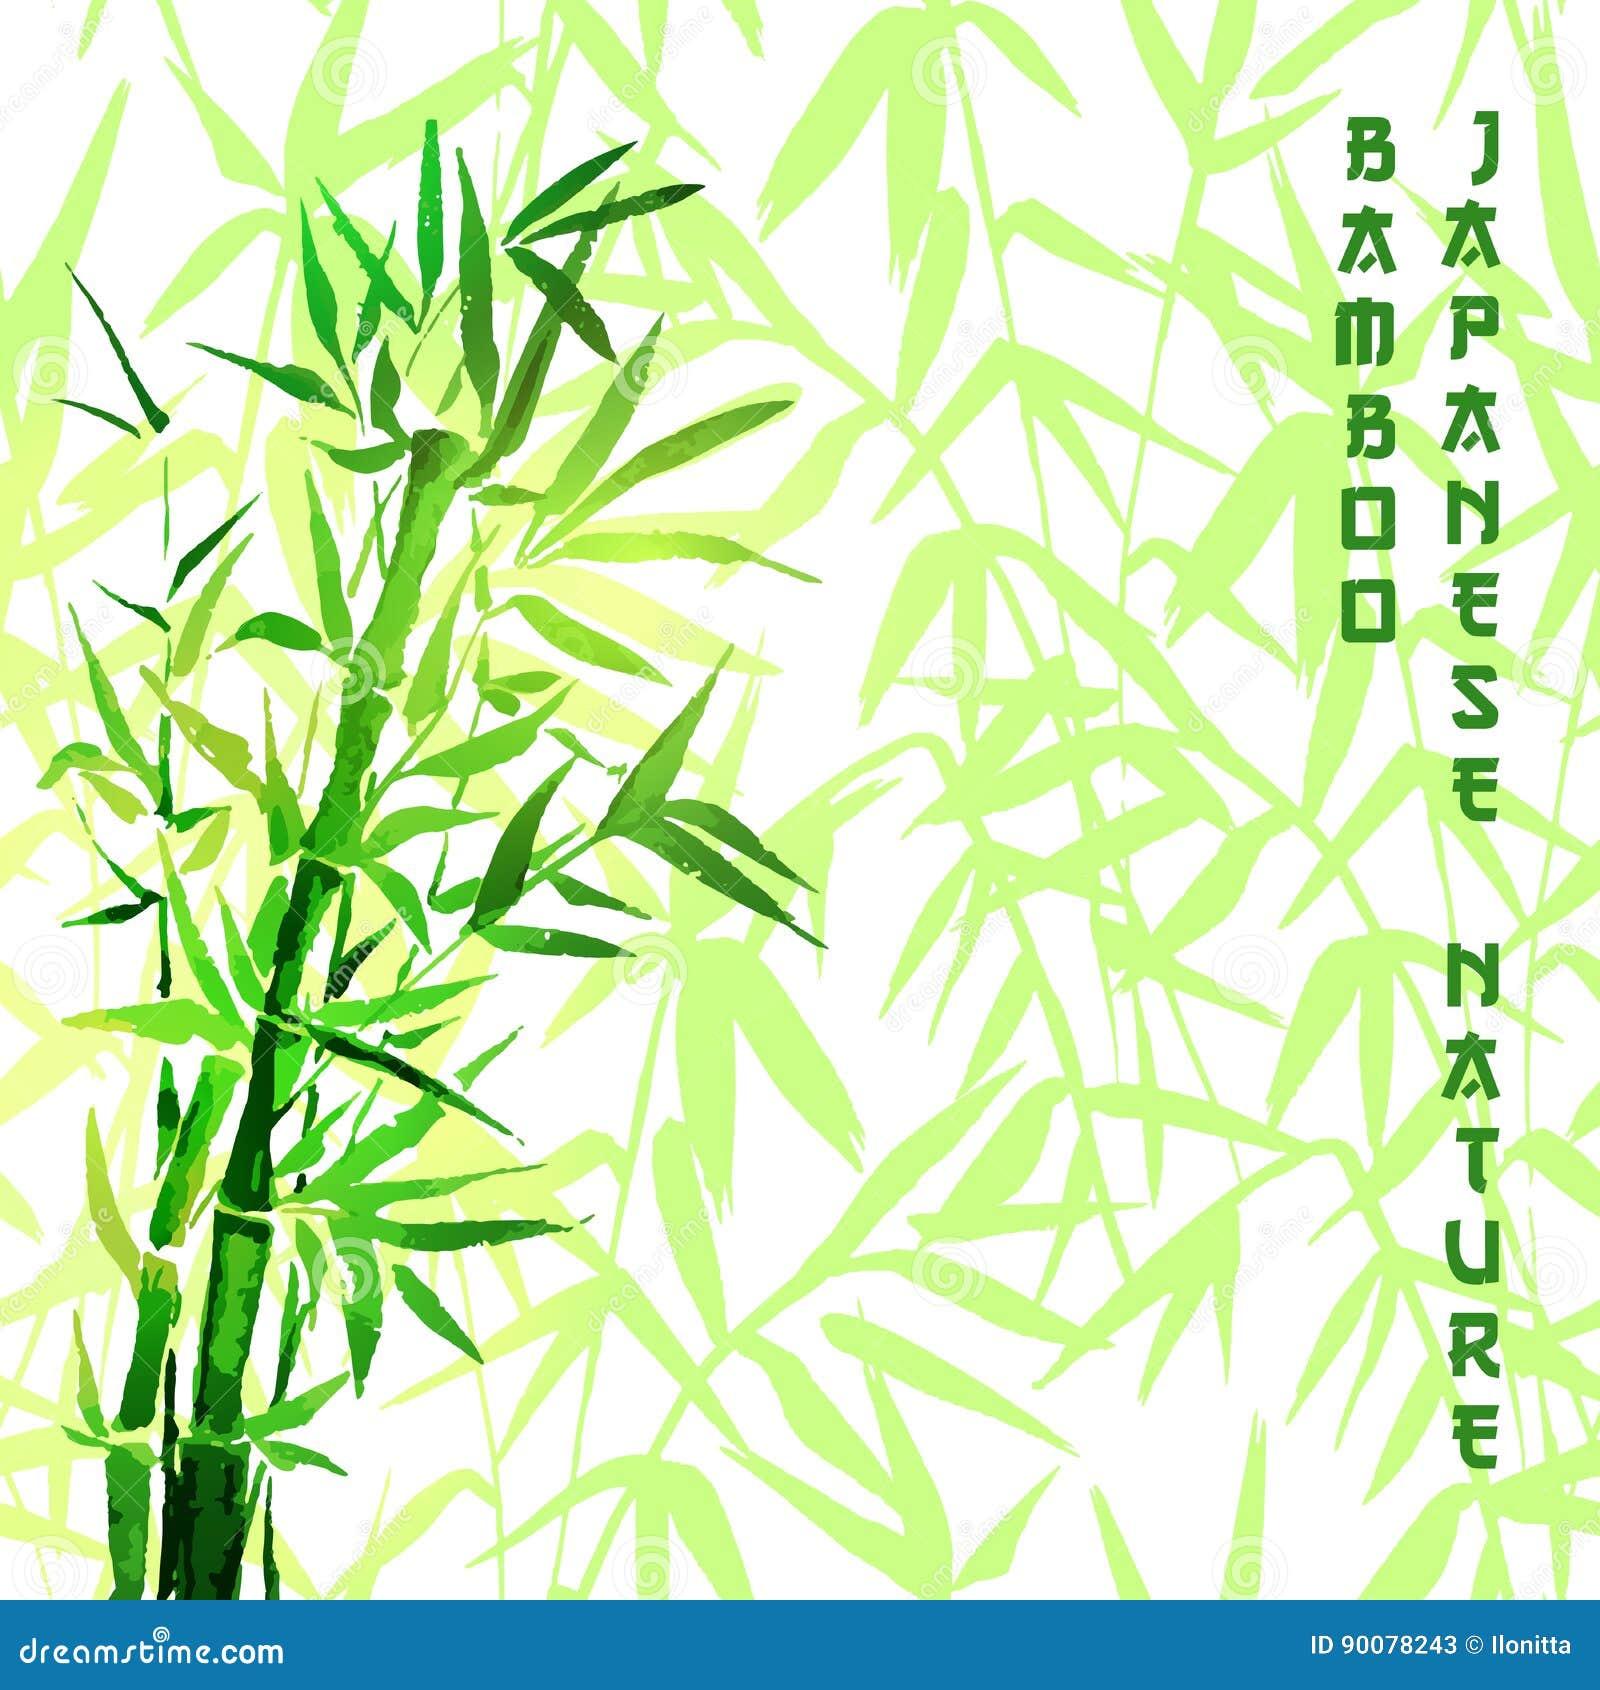 Perfekt Japanische Anlage Des Bambusbaums Oder Baum Traditionelle Sumi Malerei  Vektorillustration